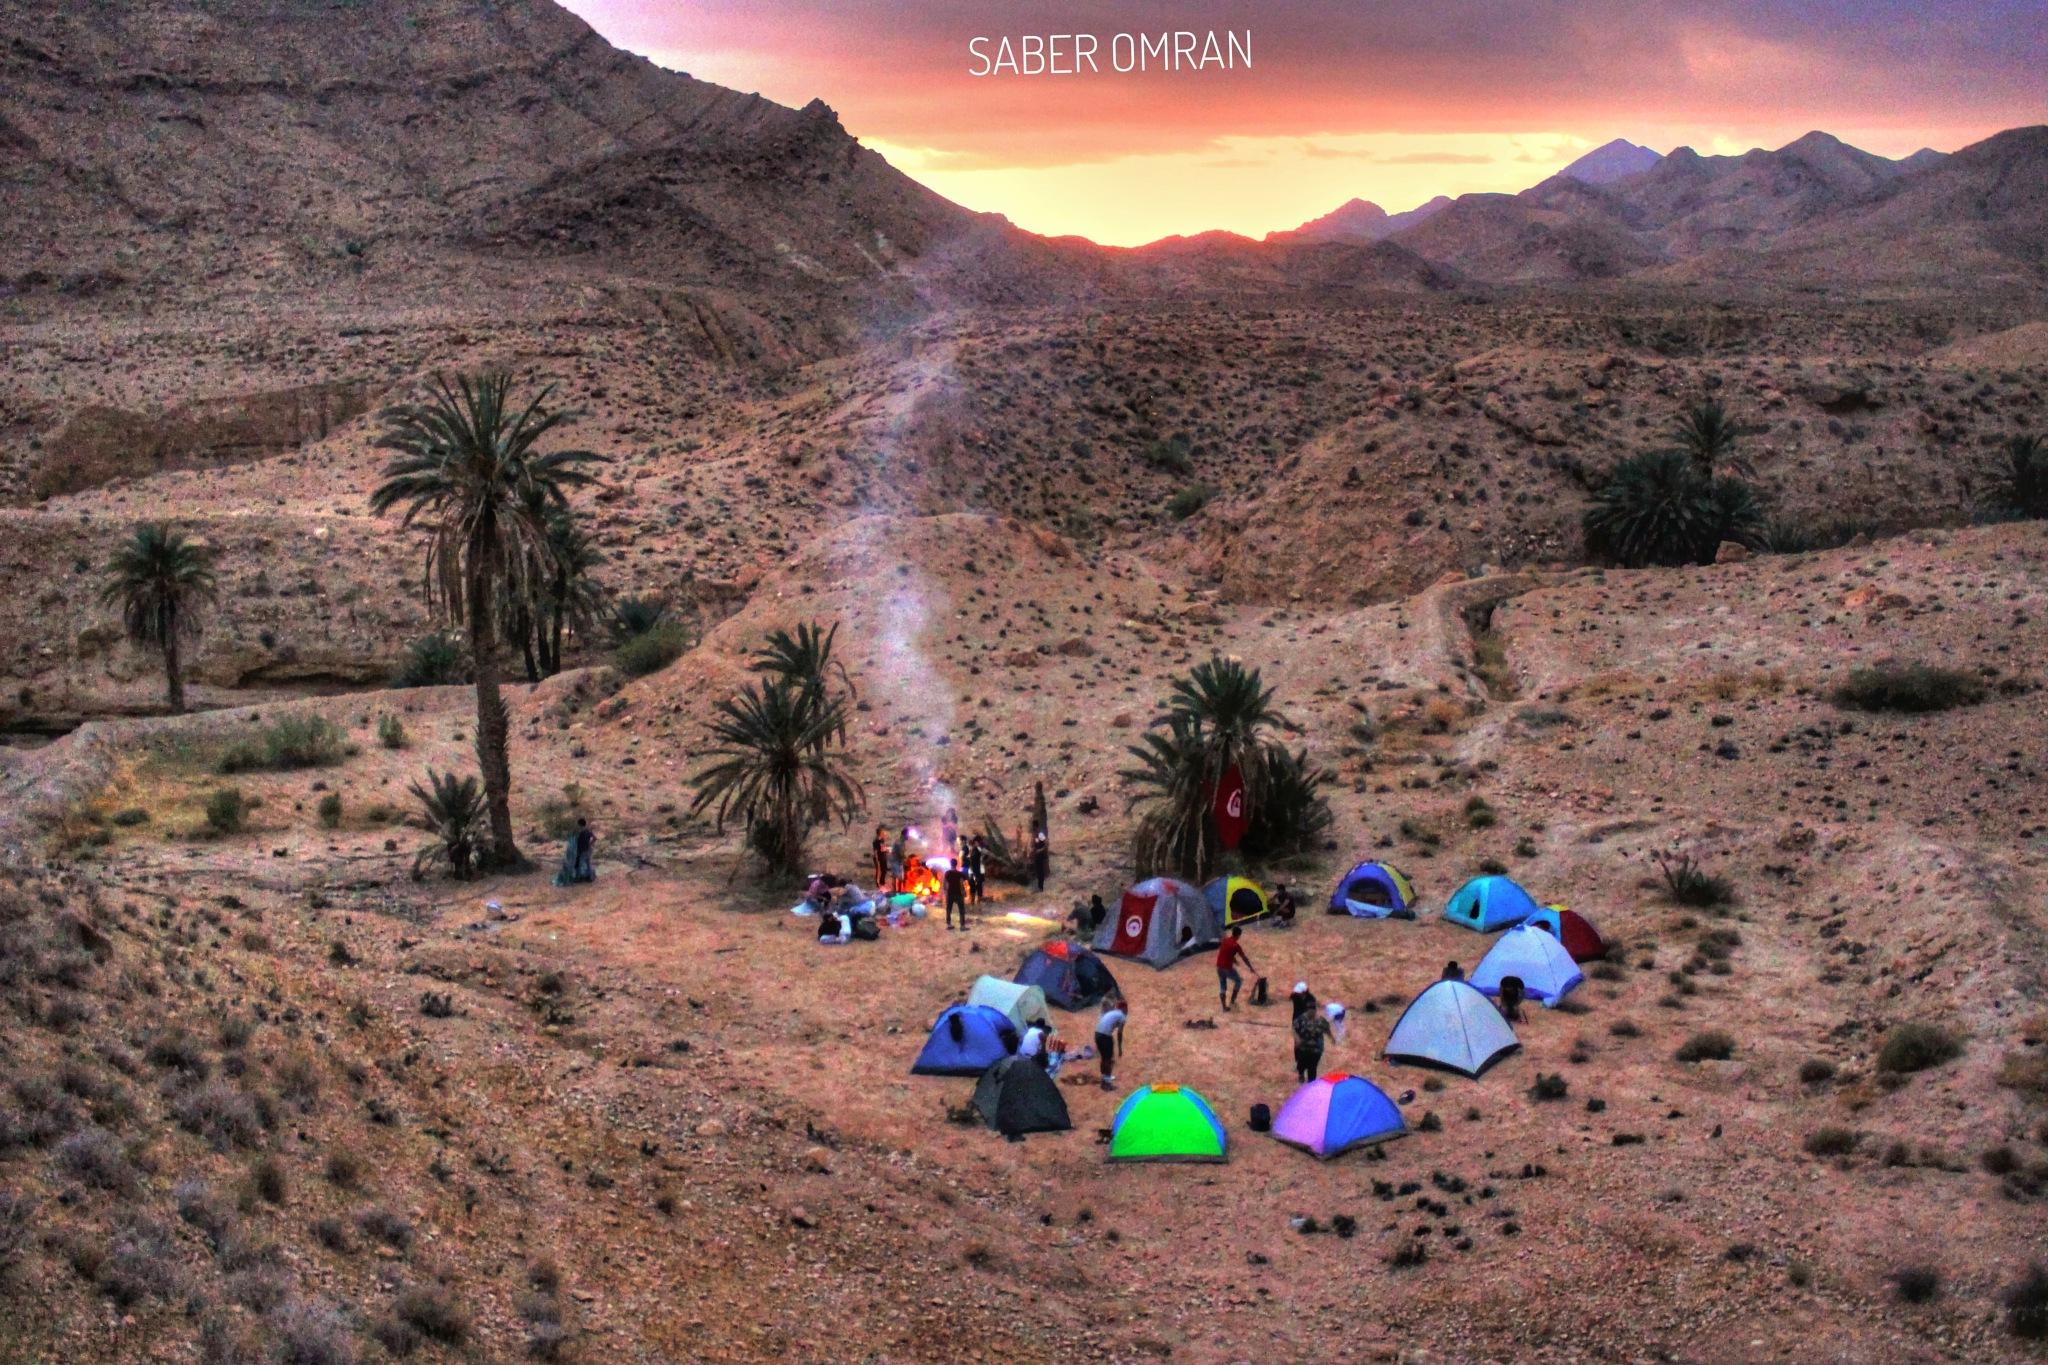 Gafsa Sud de la Tunisie  by Saber Omran